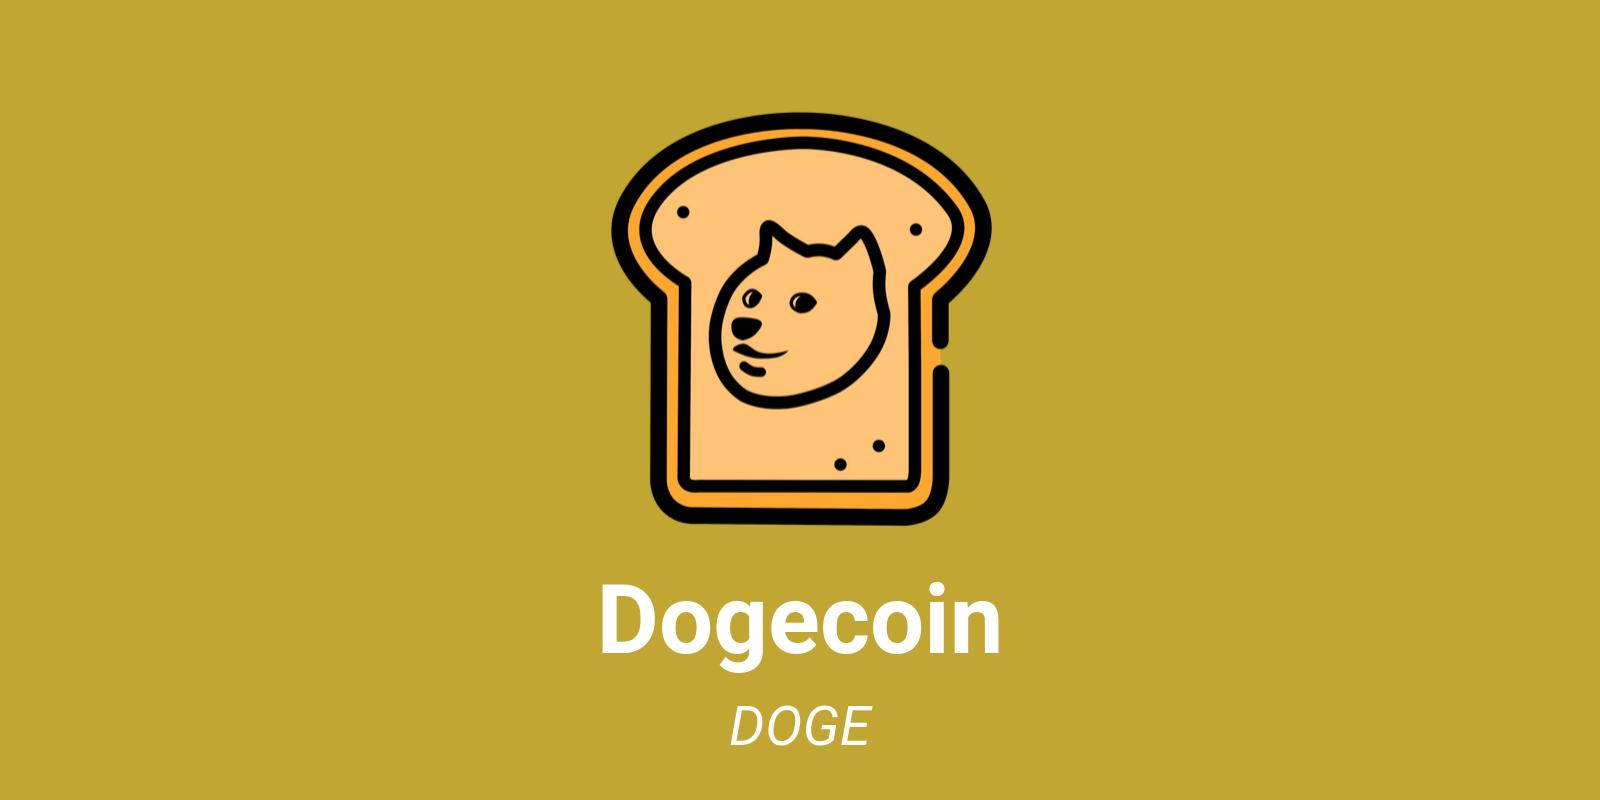 comment échanger des bitcoins en dogecoin dans hitbtc?